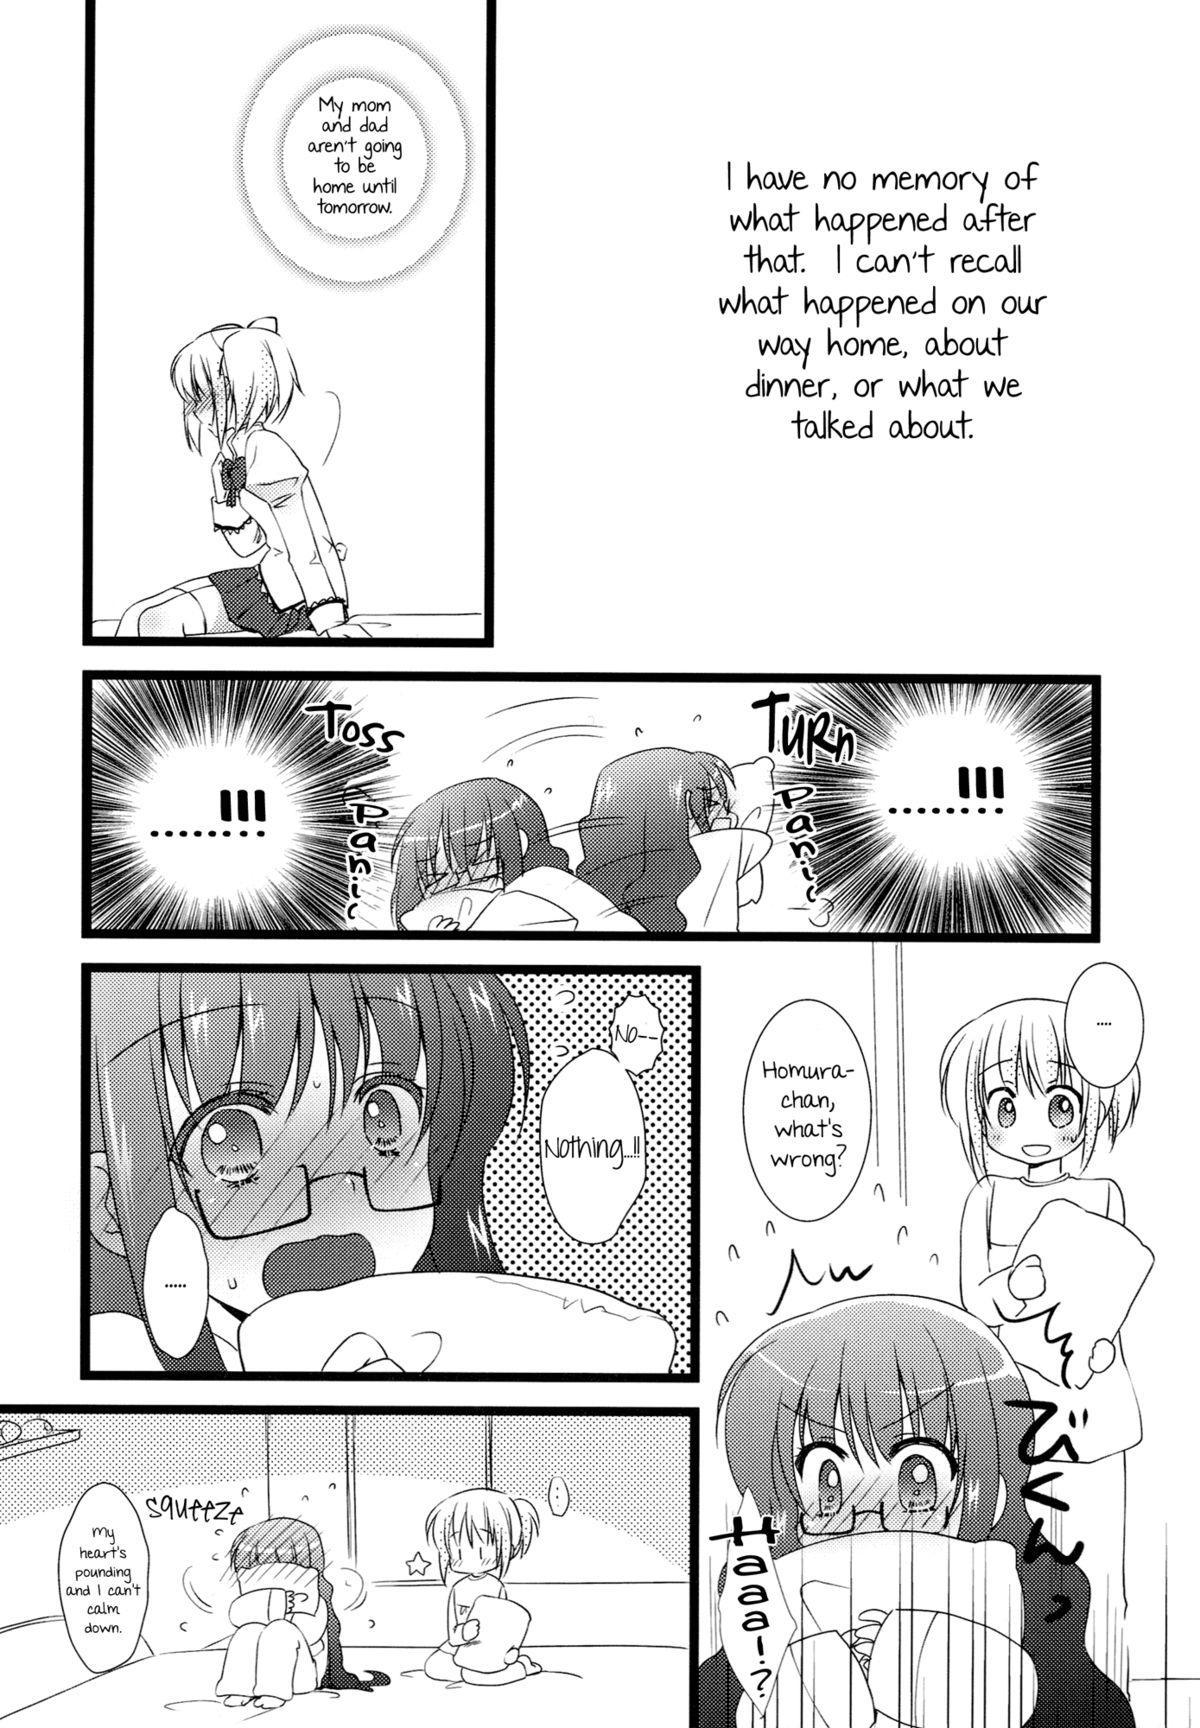 Futarikiri no Yoru no Ohanashi | A Story of Their Night Together 6